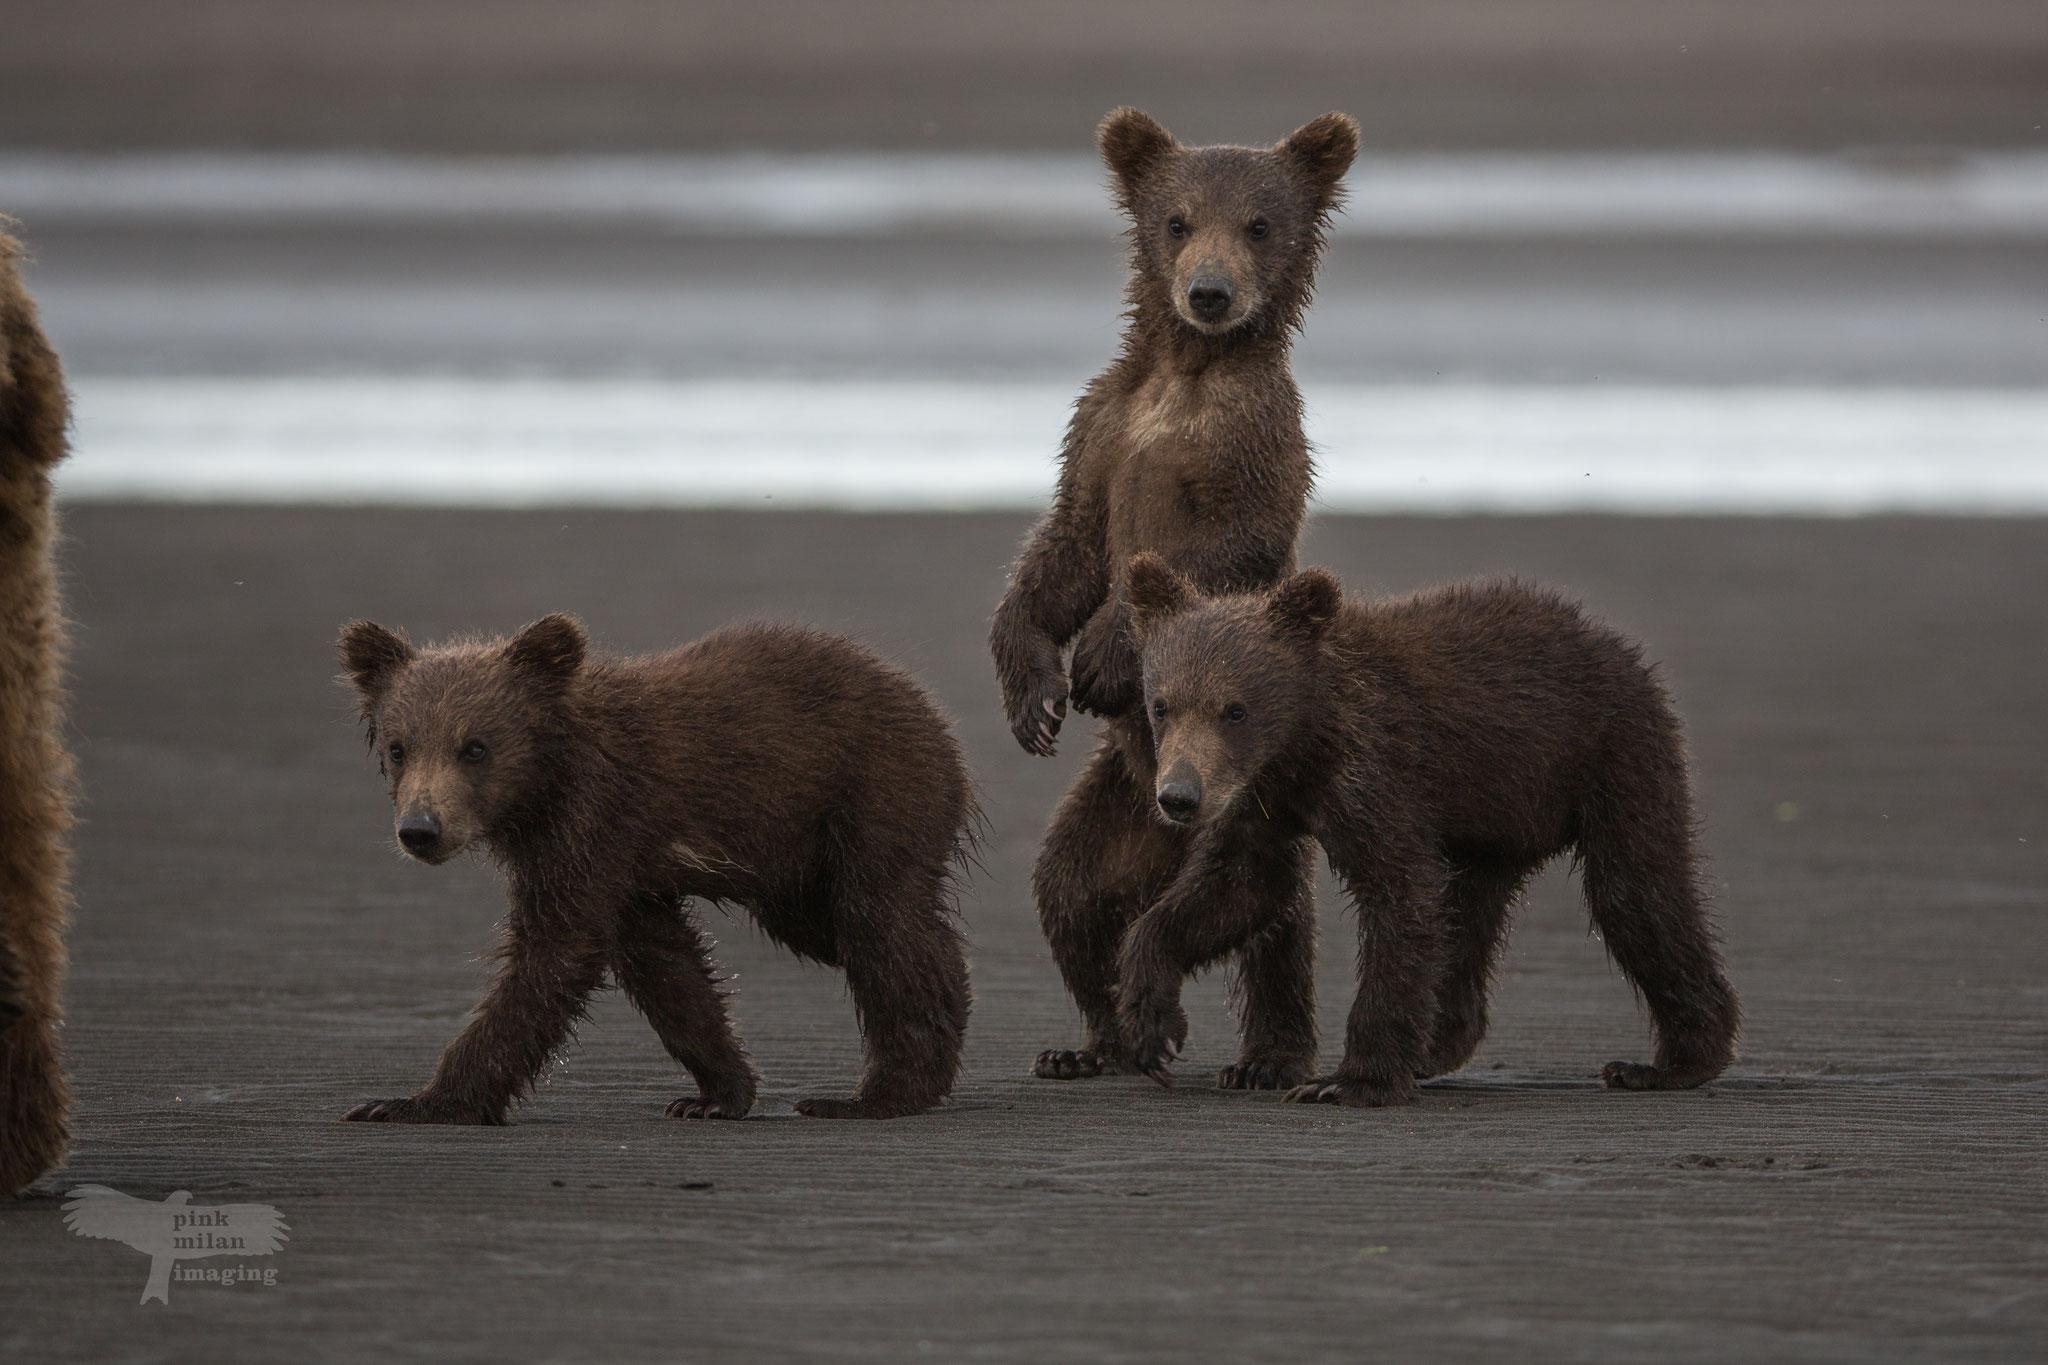 Alaska Grizzly, curious cub